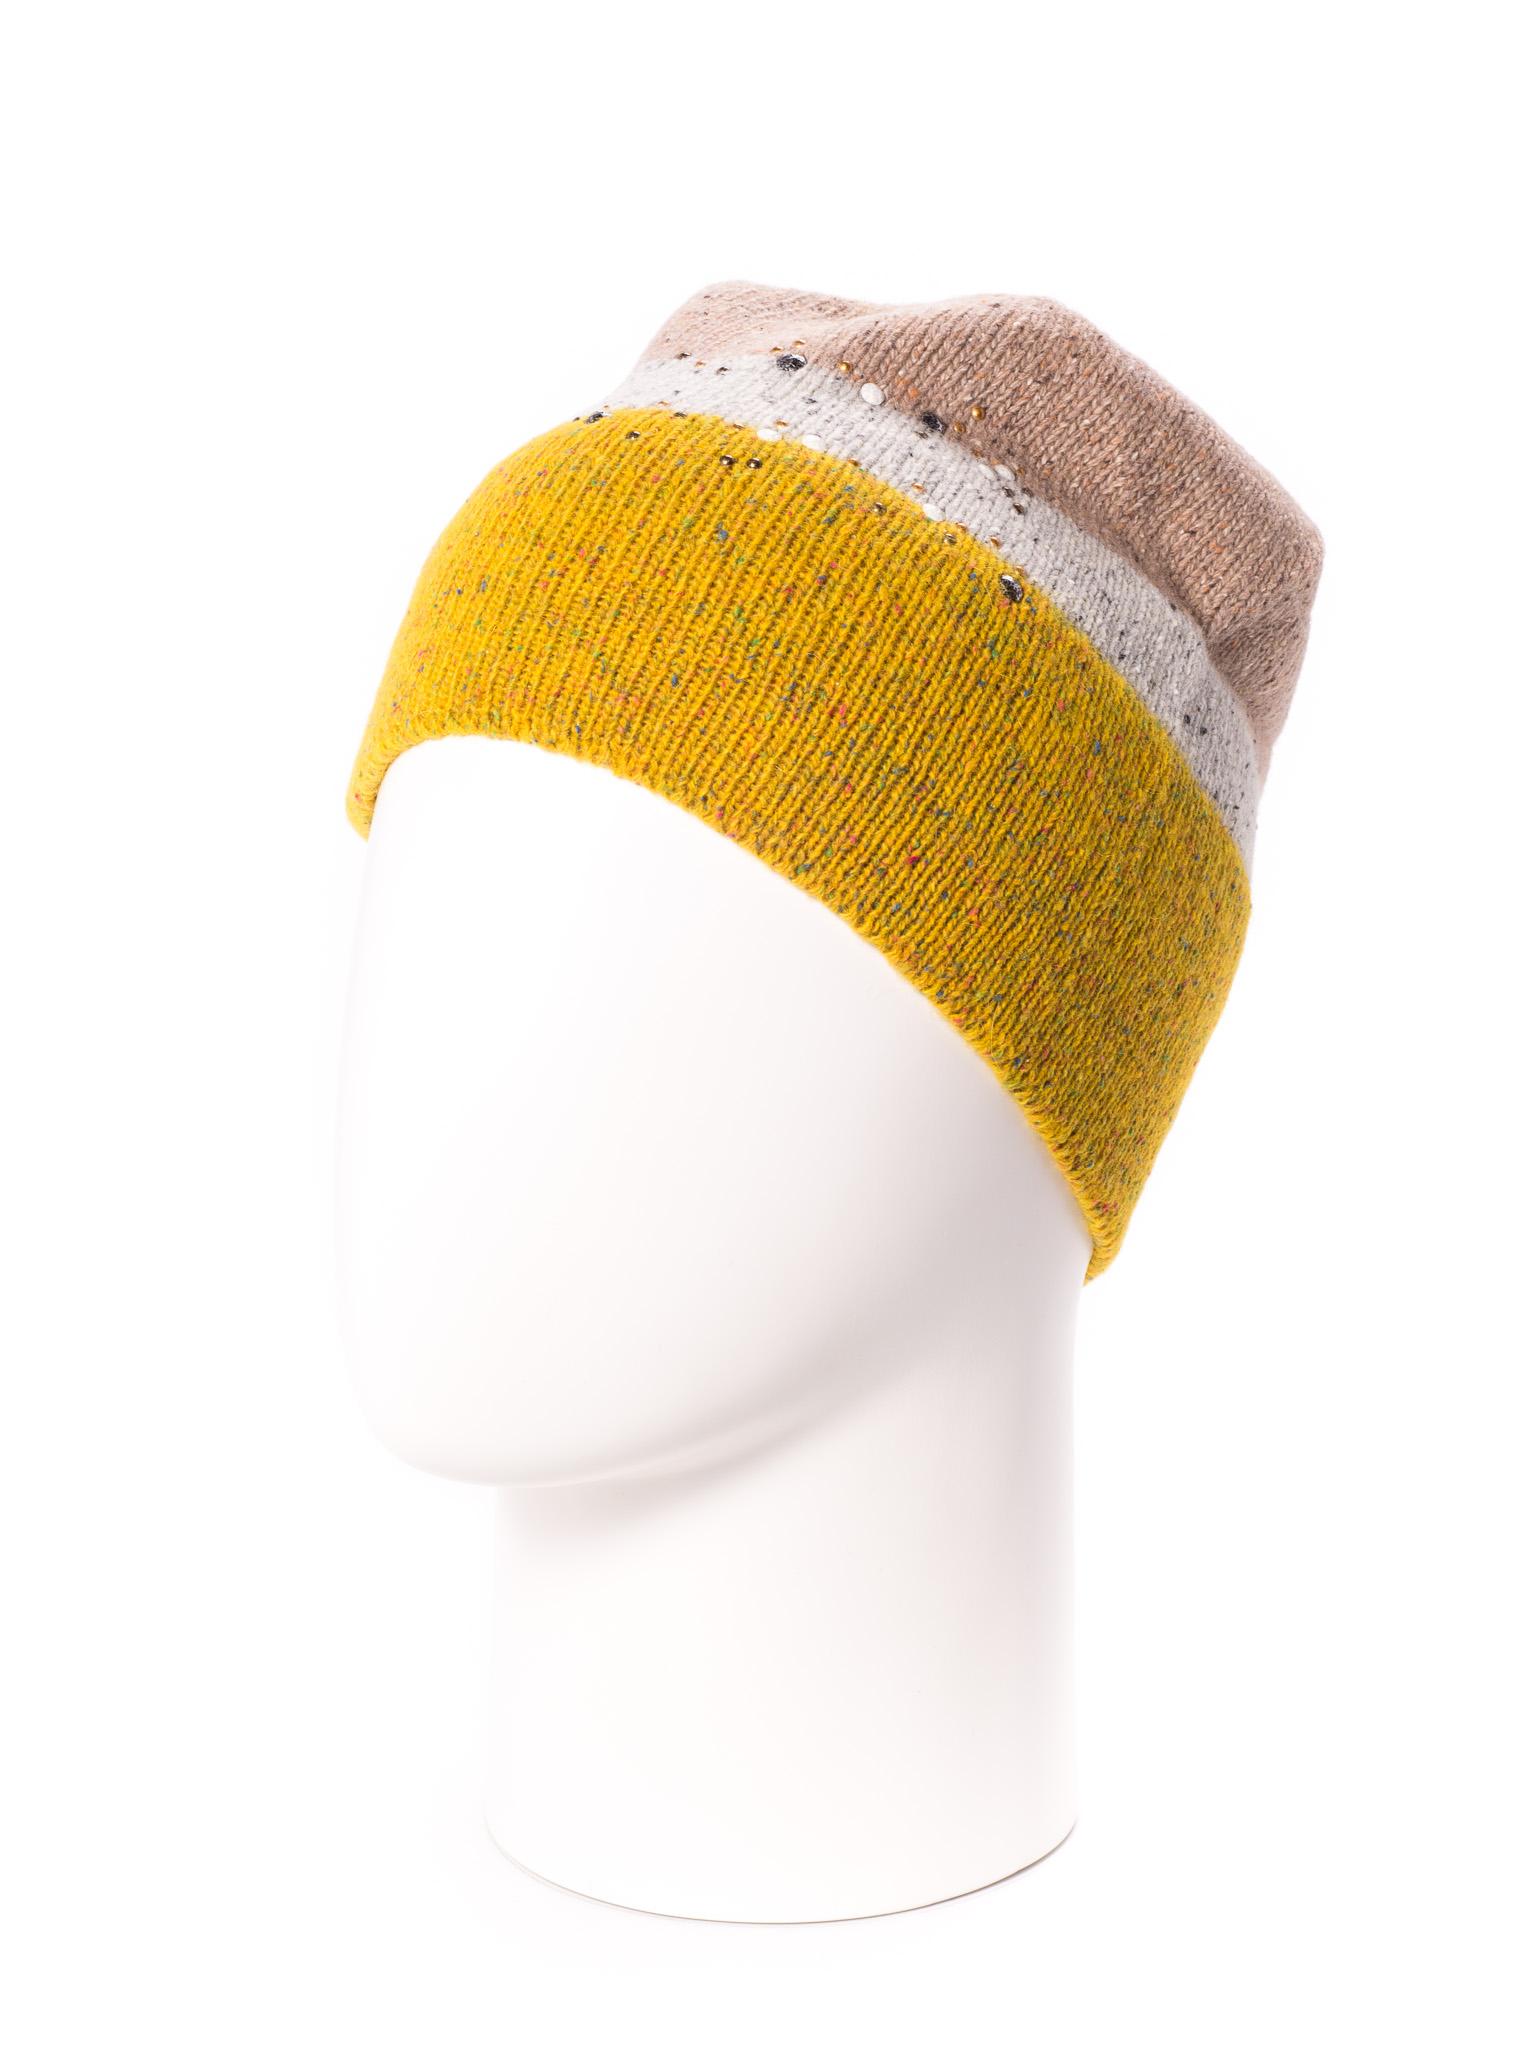 ШапкаШапки<br>Стильная шапка защитит Вас от непогоды и станет прекрасным дополнением Вашего образа.  В изделии использованы цвета: желтый, бежевый<br><br>По материалу: Вязаные<br>По рисунку: В полоску,Цветные<br>По сезону: Зима<br>Размер : universal<br>Материал: Вязаное полотно<br>Количество в наличии: 1